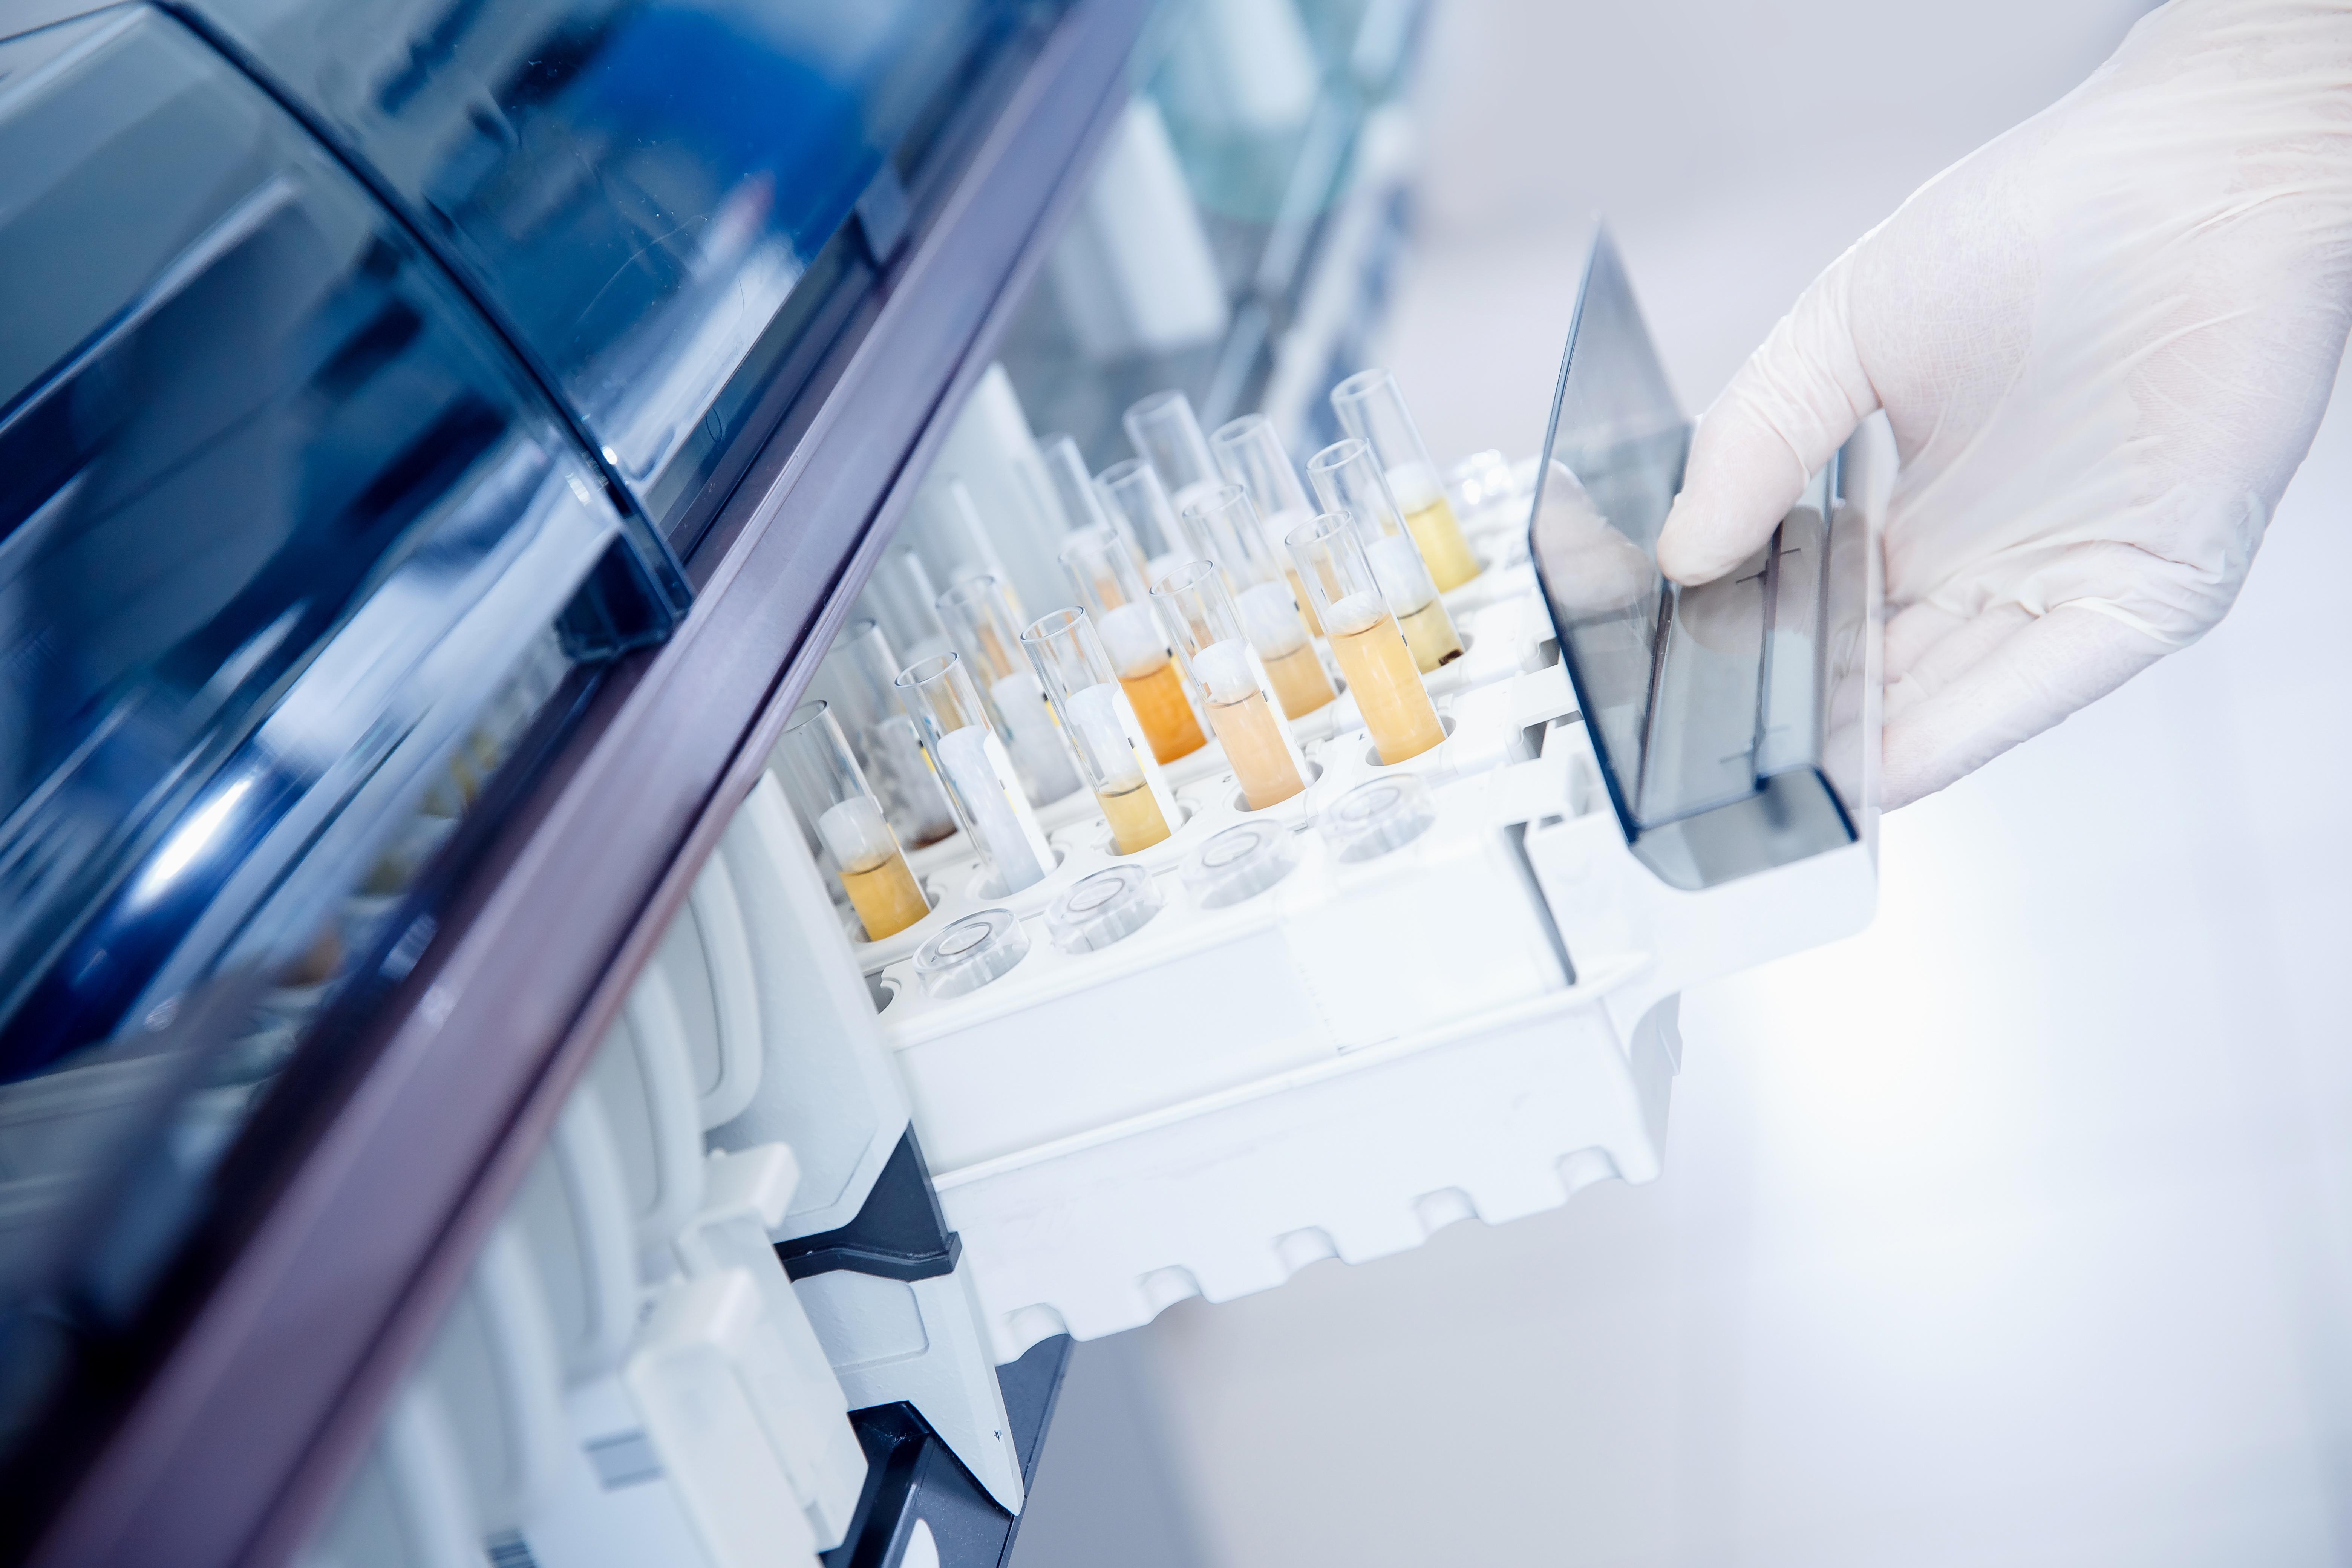 L'analyse de la variation du nombre de copies d'ADN (CNV) dans les cellules exfoliées présentes dans l'urine apporte une meilleure sensibilité et une spécificité similaire dans la détection du carcinome urothélial par rapport à la cytologie urinaire (Visuel Adobe Stock 334065984)